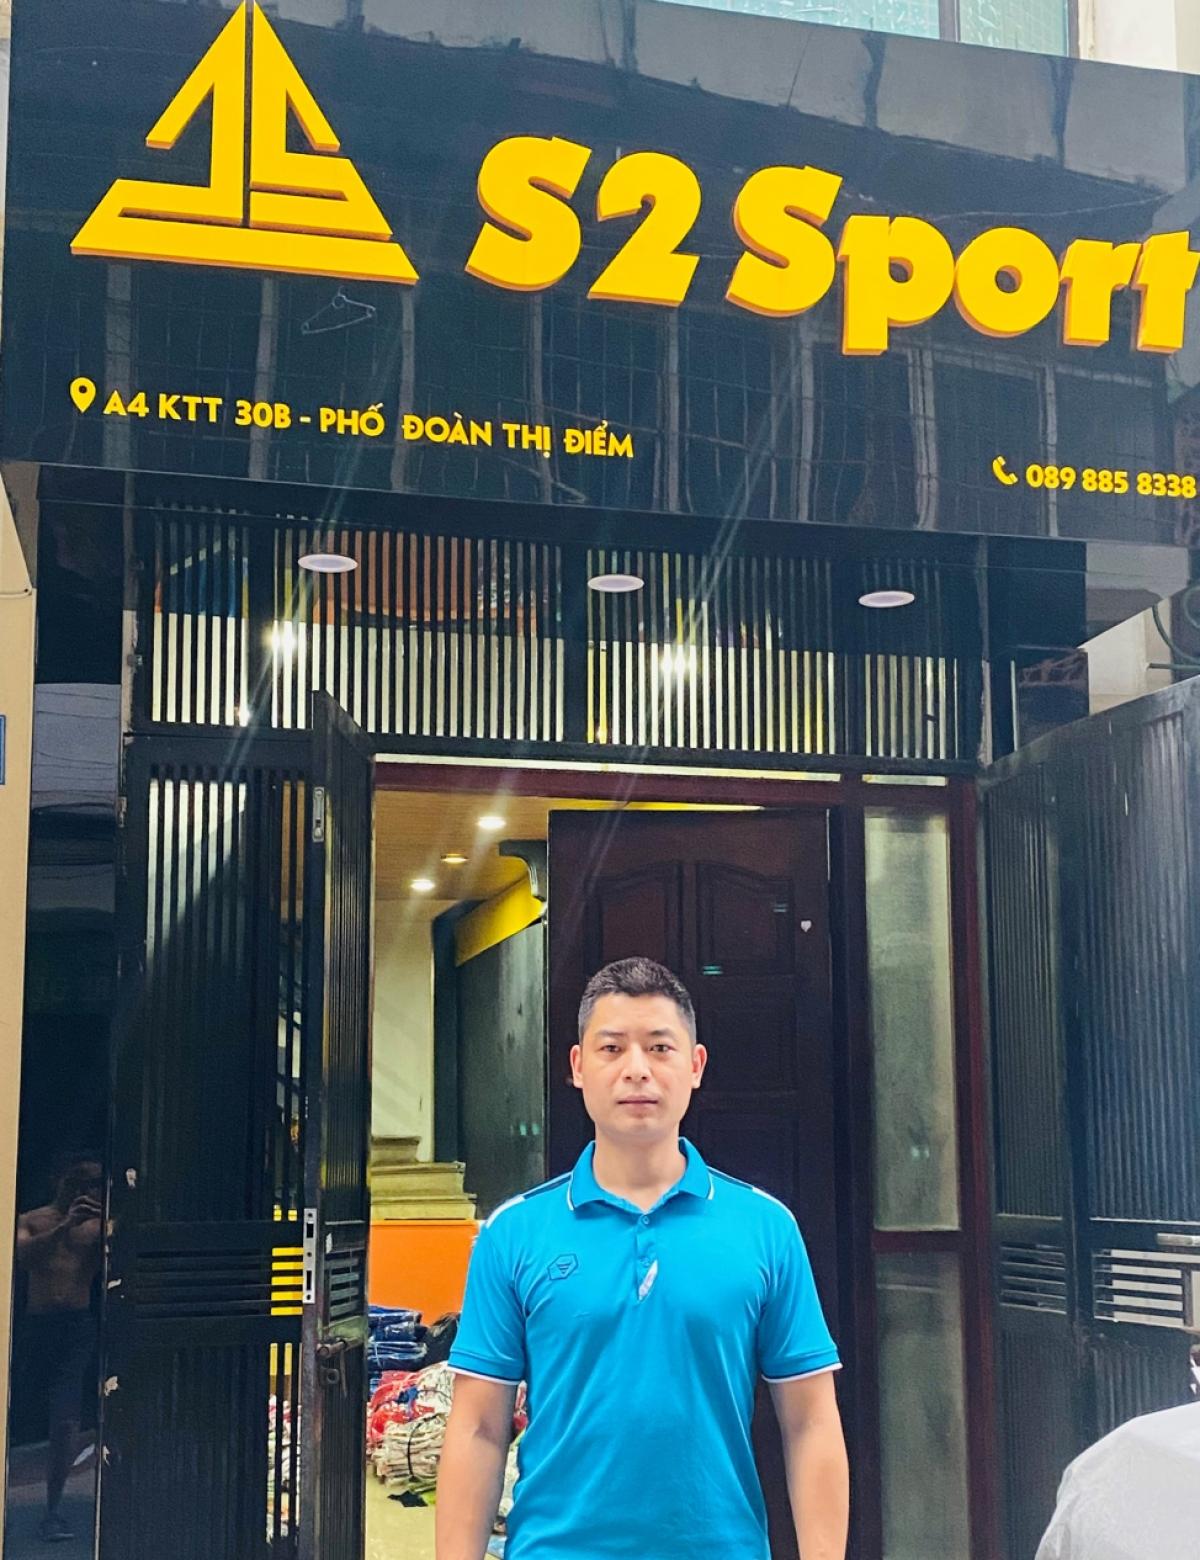 Một cửa hàng kinh doanh thời trang thể thao Trường An Sport tại Đống Đa, Hà Nội.